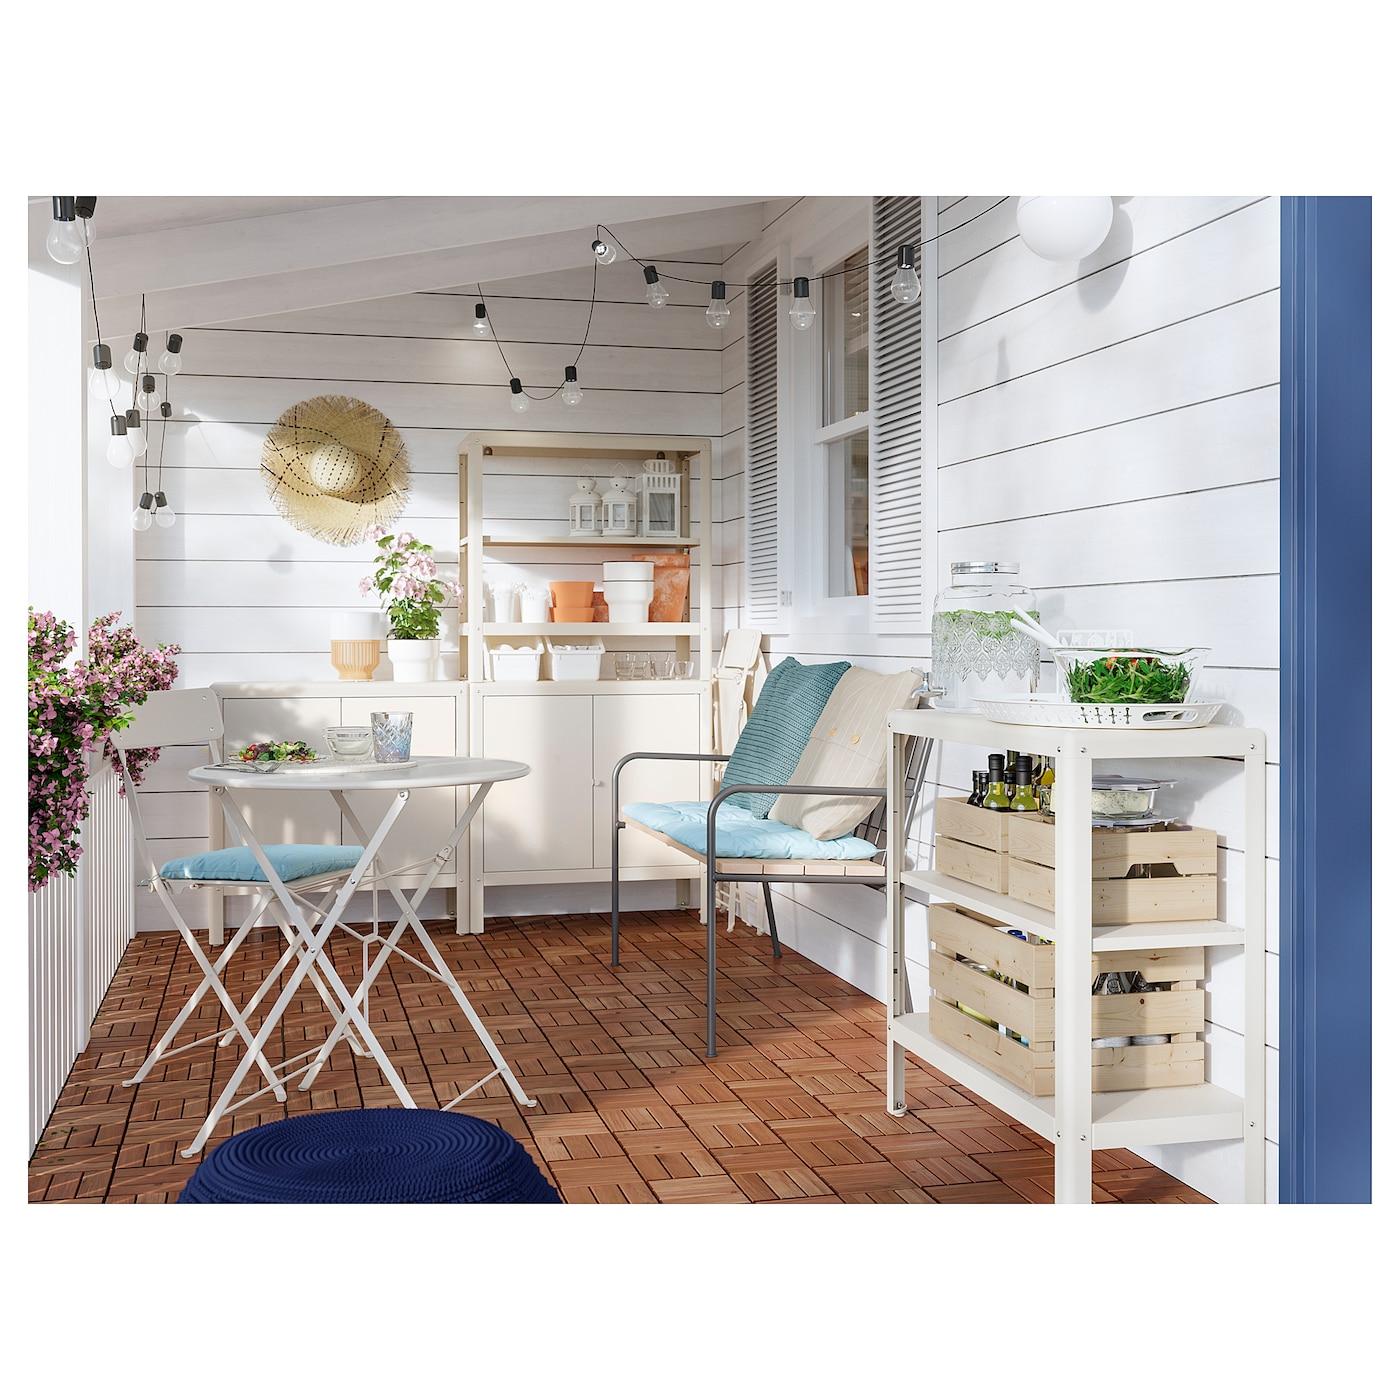 SALTHOLMEN Stuhlaußen faltbar beige IKEA Deutschland